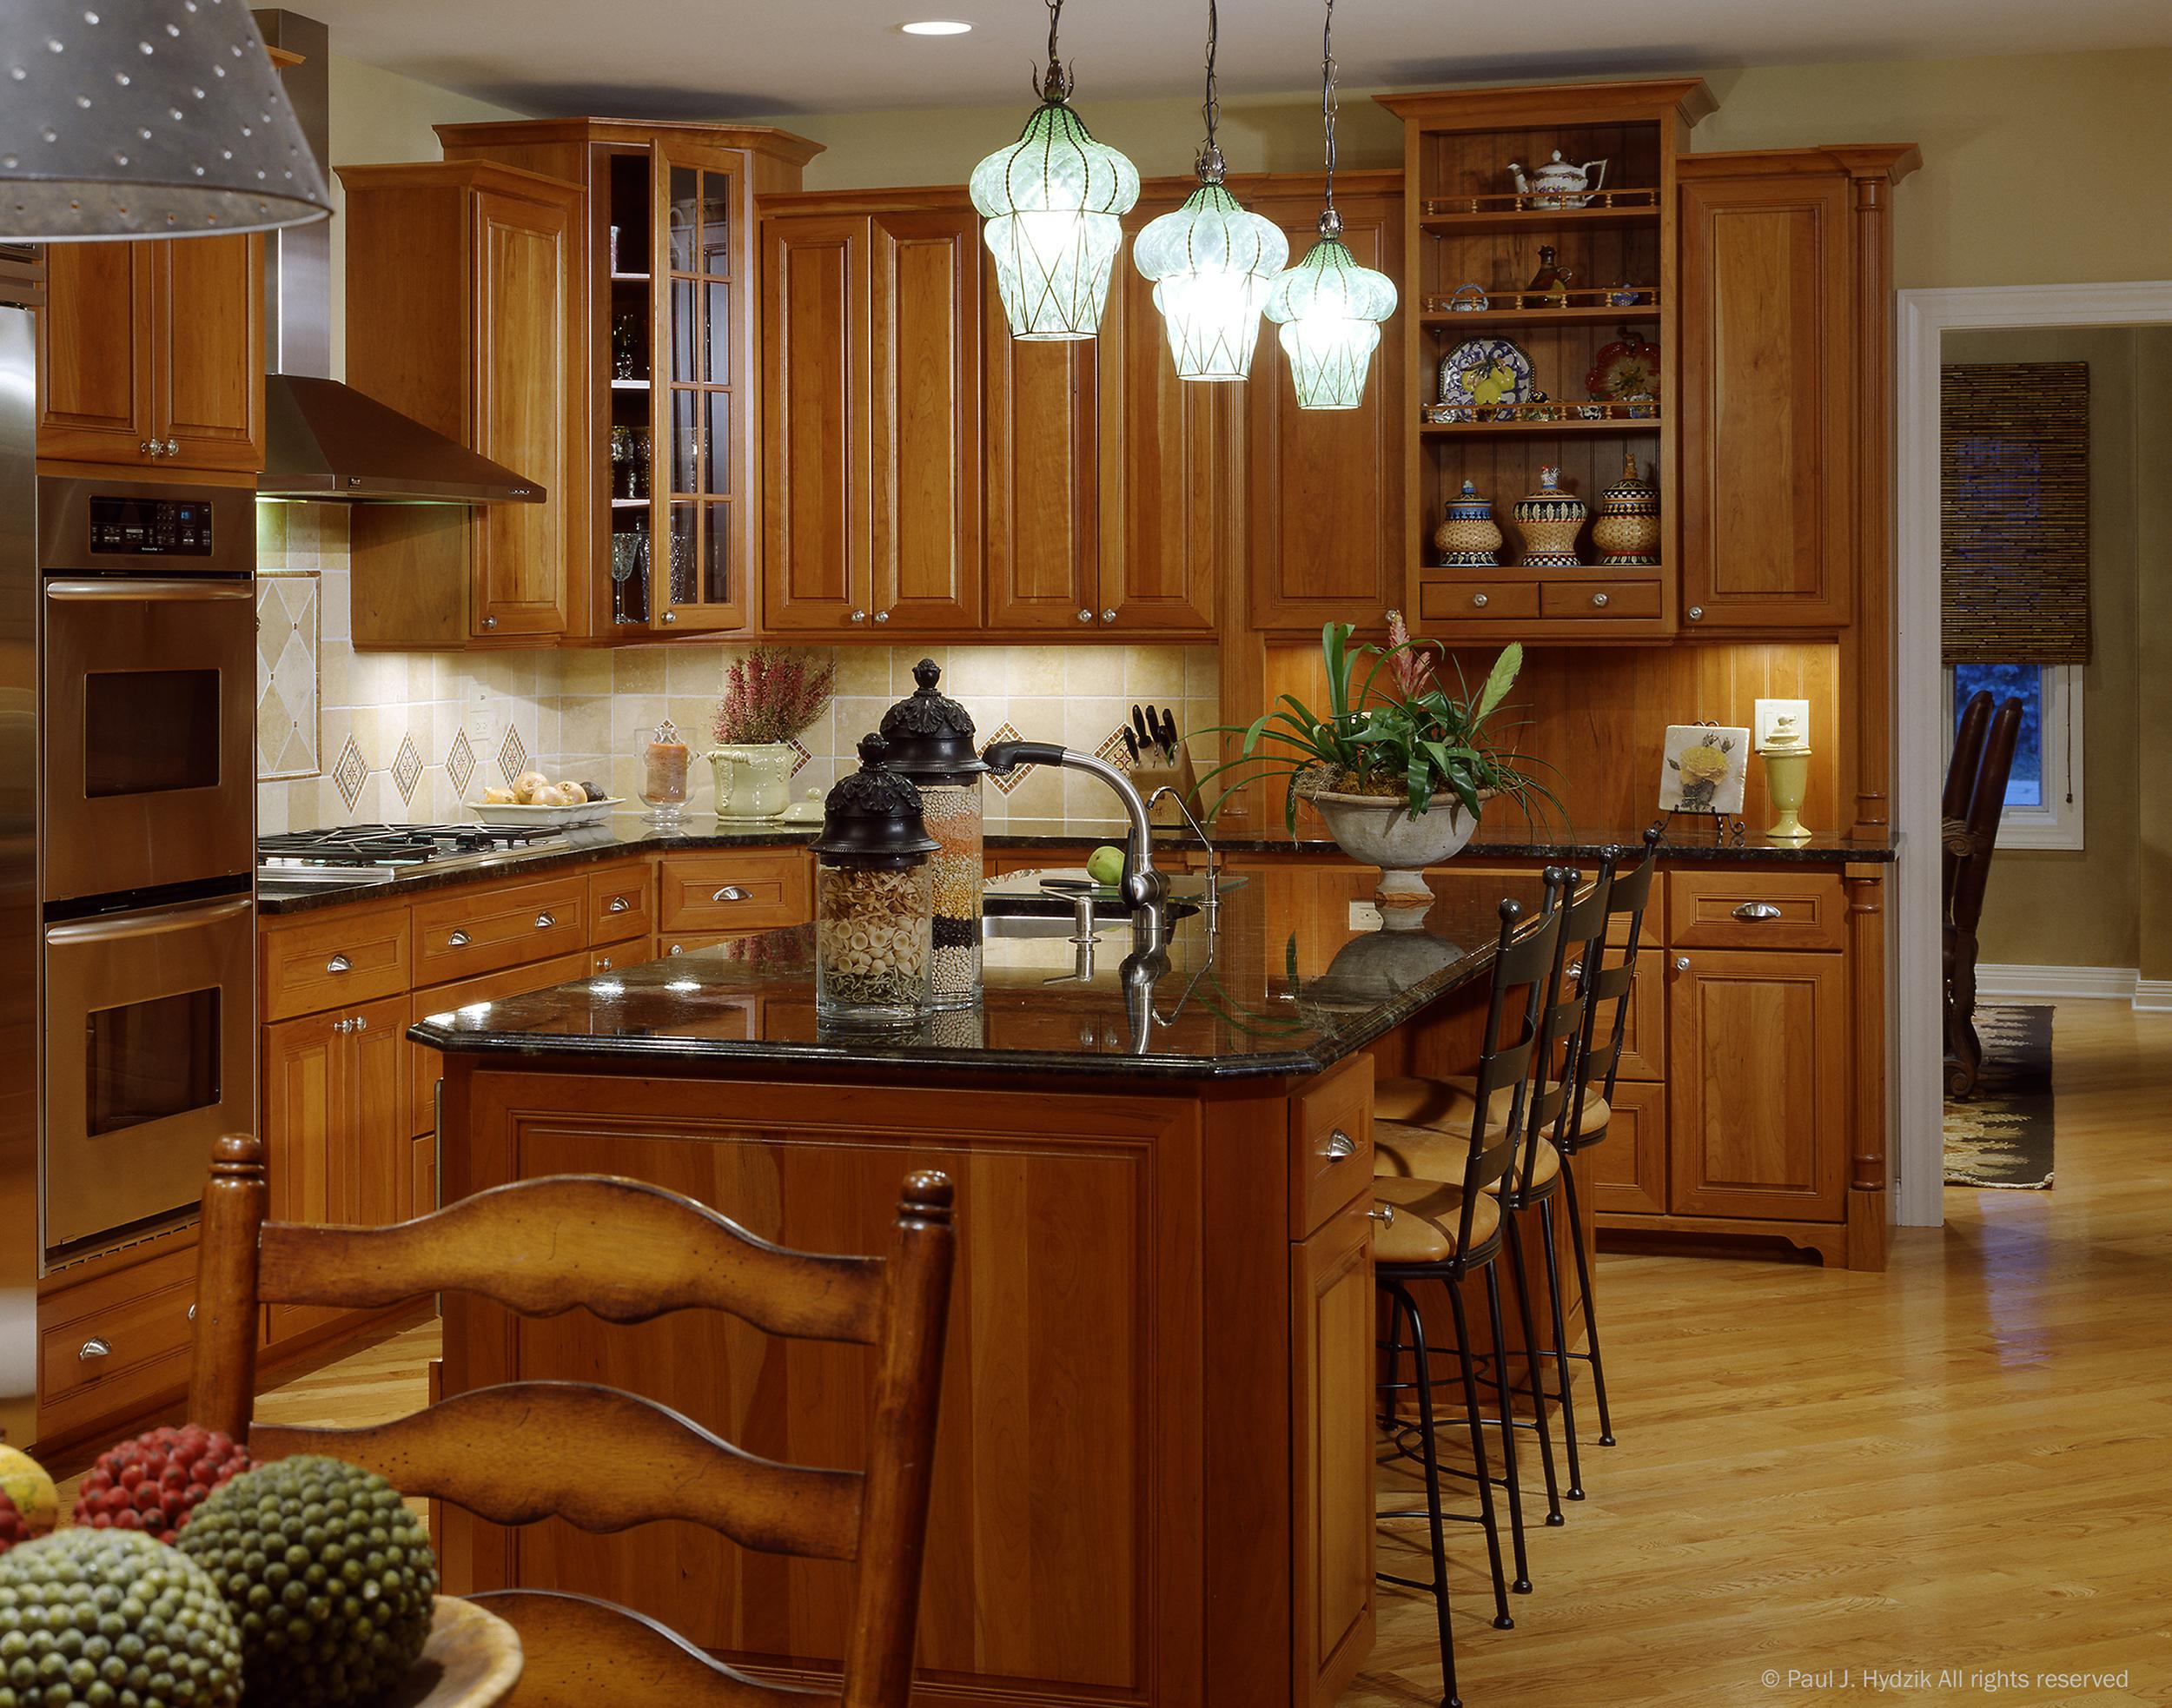 ArzP Kitchen Plus Crop 2500x1966px at 72ppi.jpg